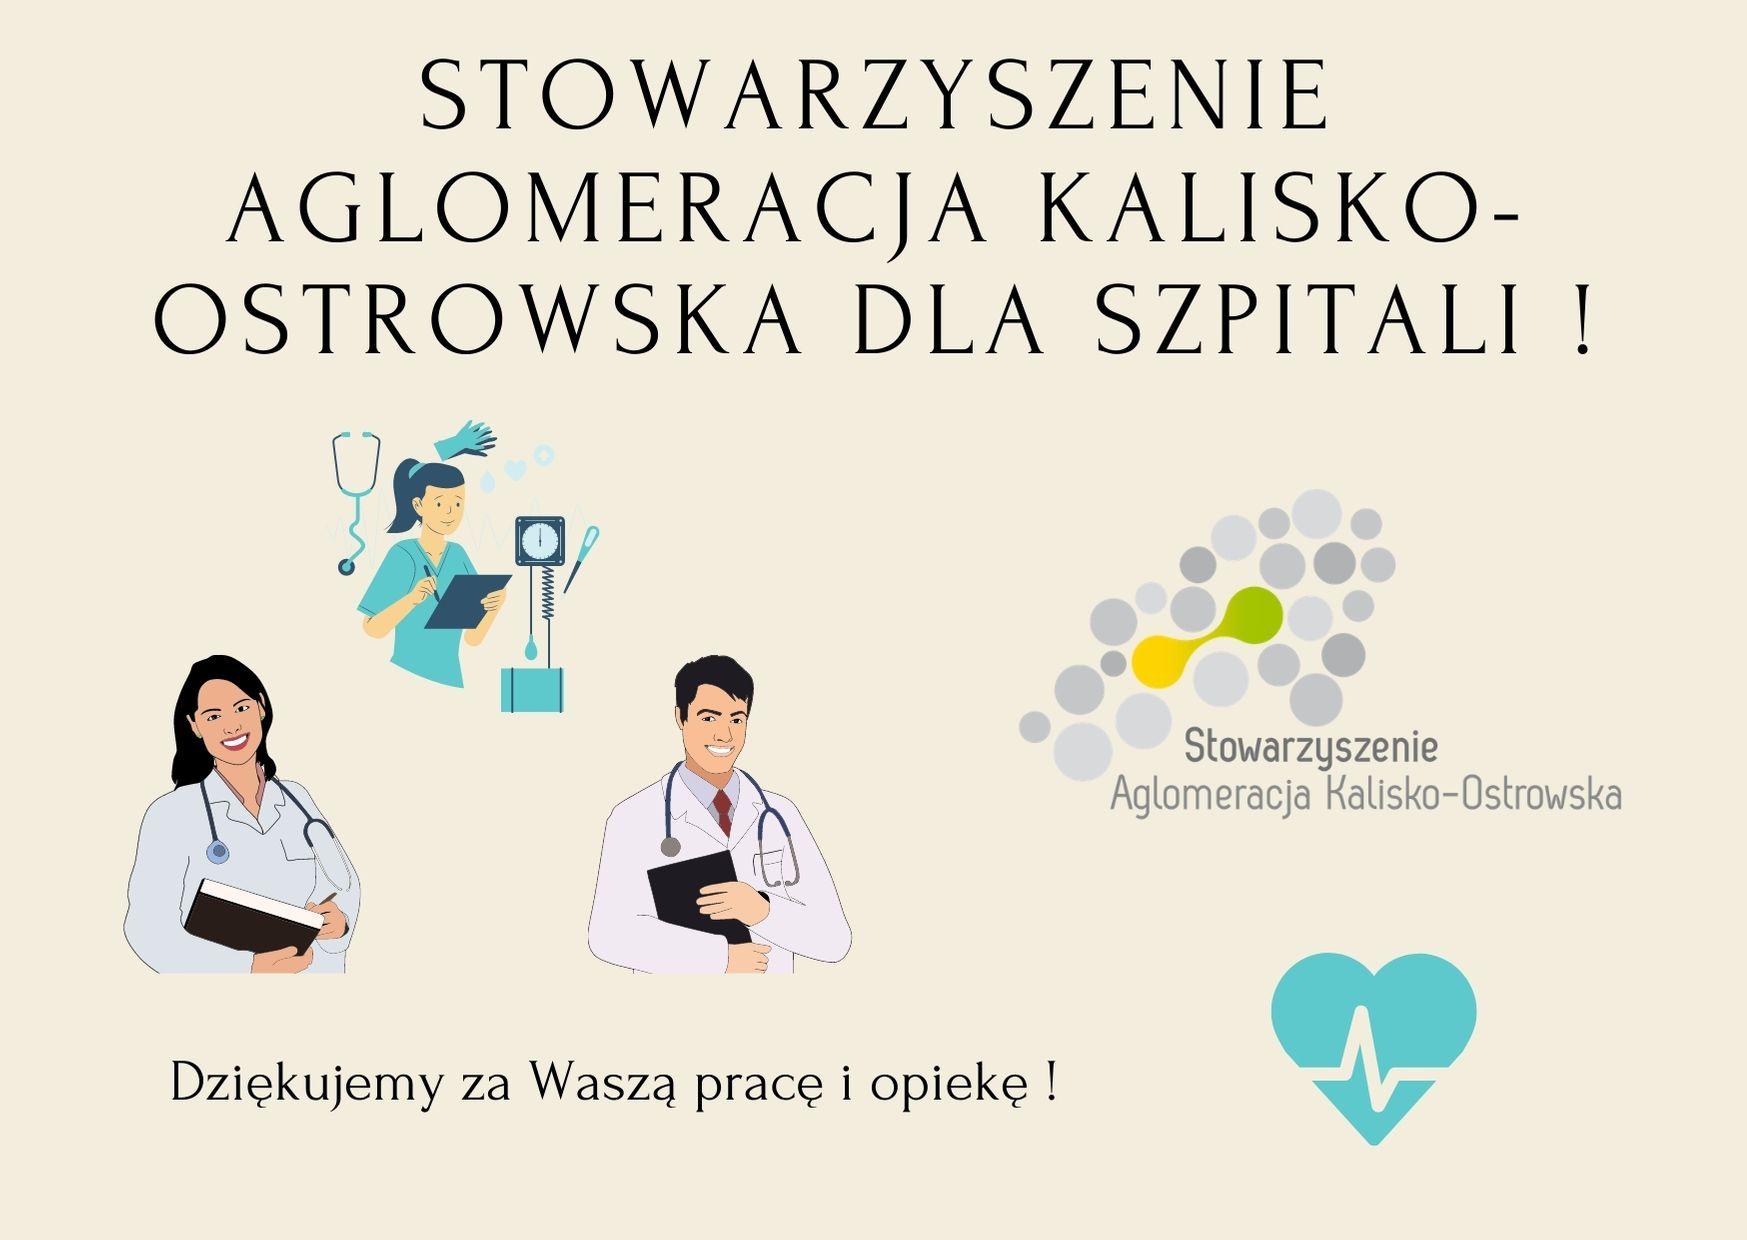 """stowarzyszenie aglomeracja kalisko ostrowska dla szpitali  - Wsparcie dla szpitali w ramach projektu pn. """"Program edukacji zdrowotnej, wykrywania HBV i HCV oraz szczepień przeciwko WZW typu B na terenie Aglomeracji Kalisko-Ostrowskiej"""" !"""